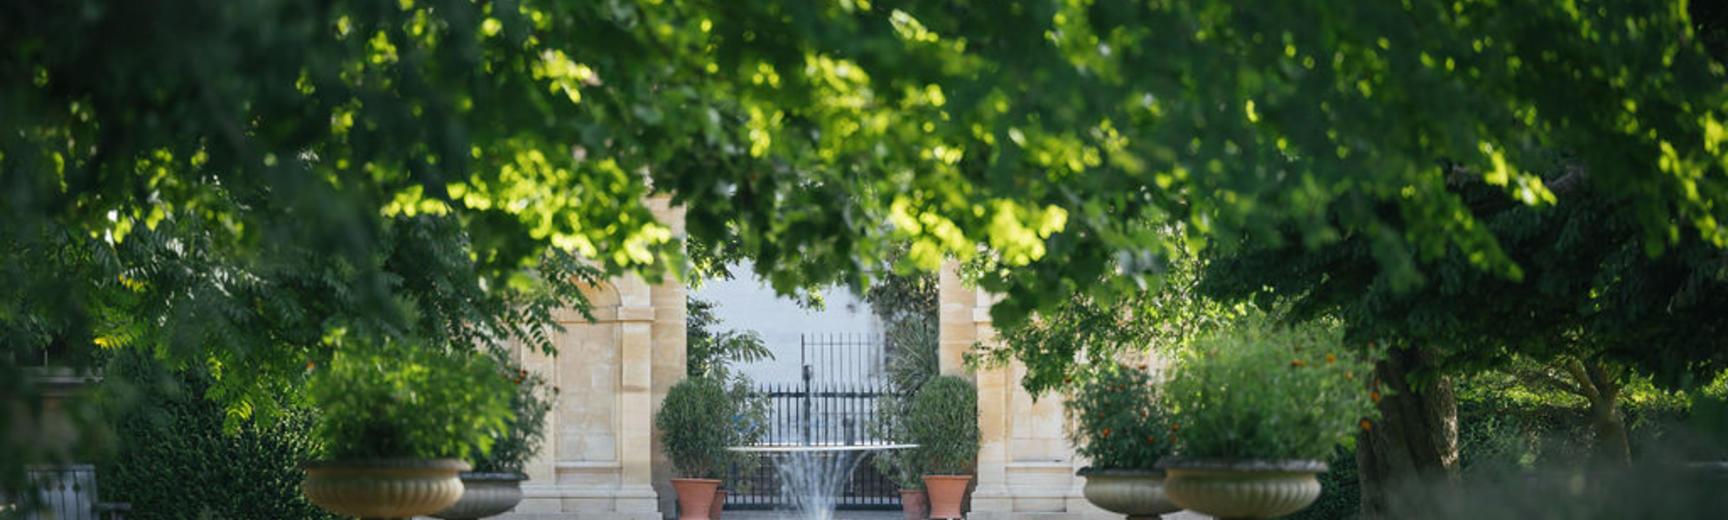 botanicgardensopeningbyianwallman 5182